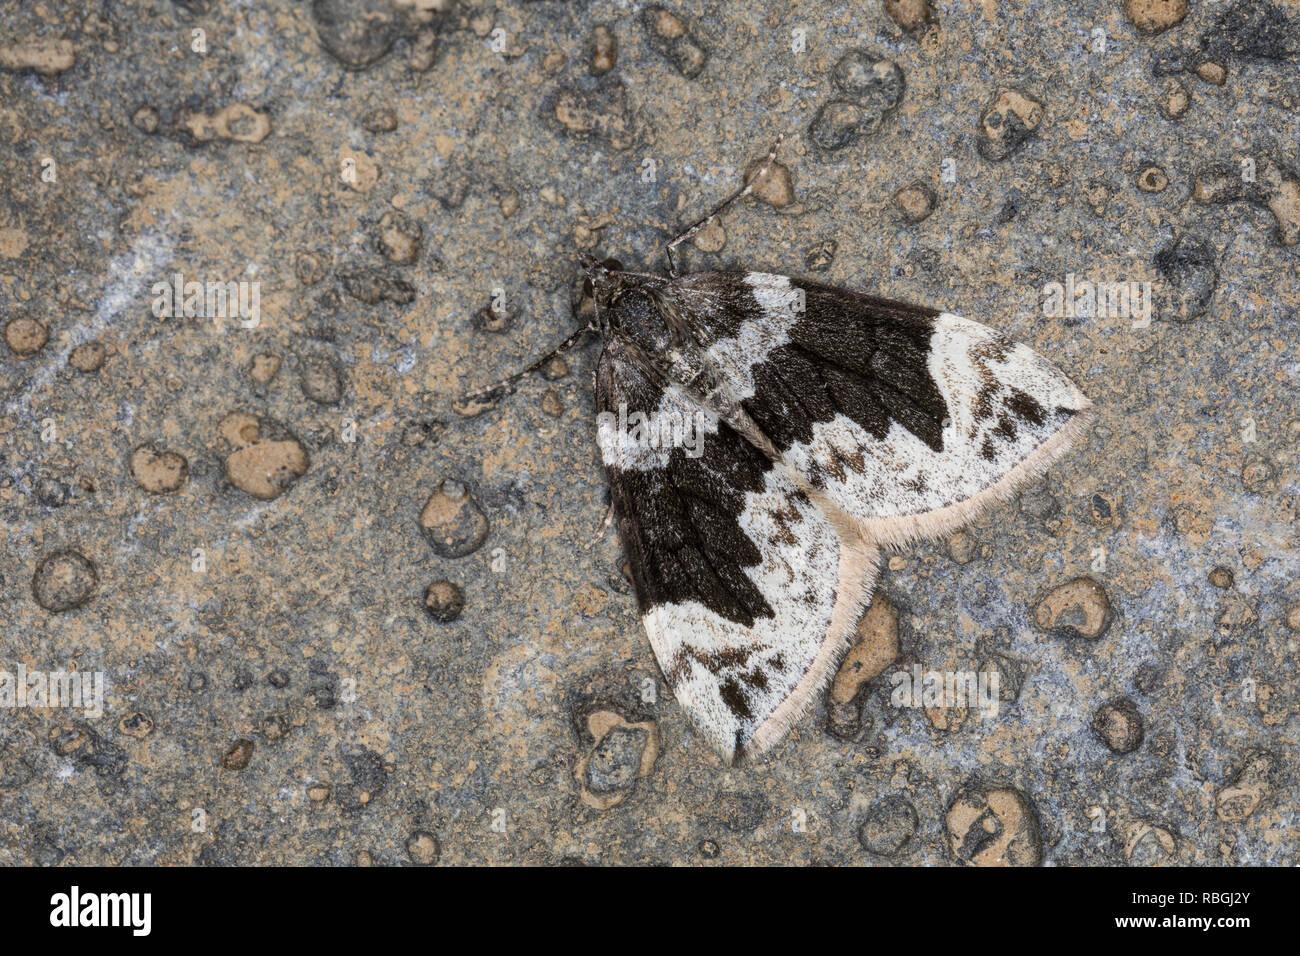 Spitzwinkel-Bindenspanner, Buschhalden-Blattspanner, Dysstroma citrata, Chloroclysta citrata, dark marbled carpet, northern marbled carpet, Spanner - Stock Image